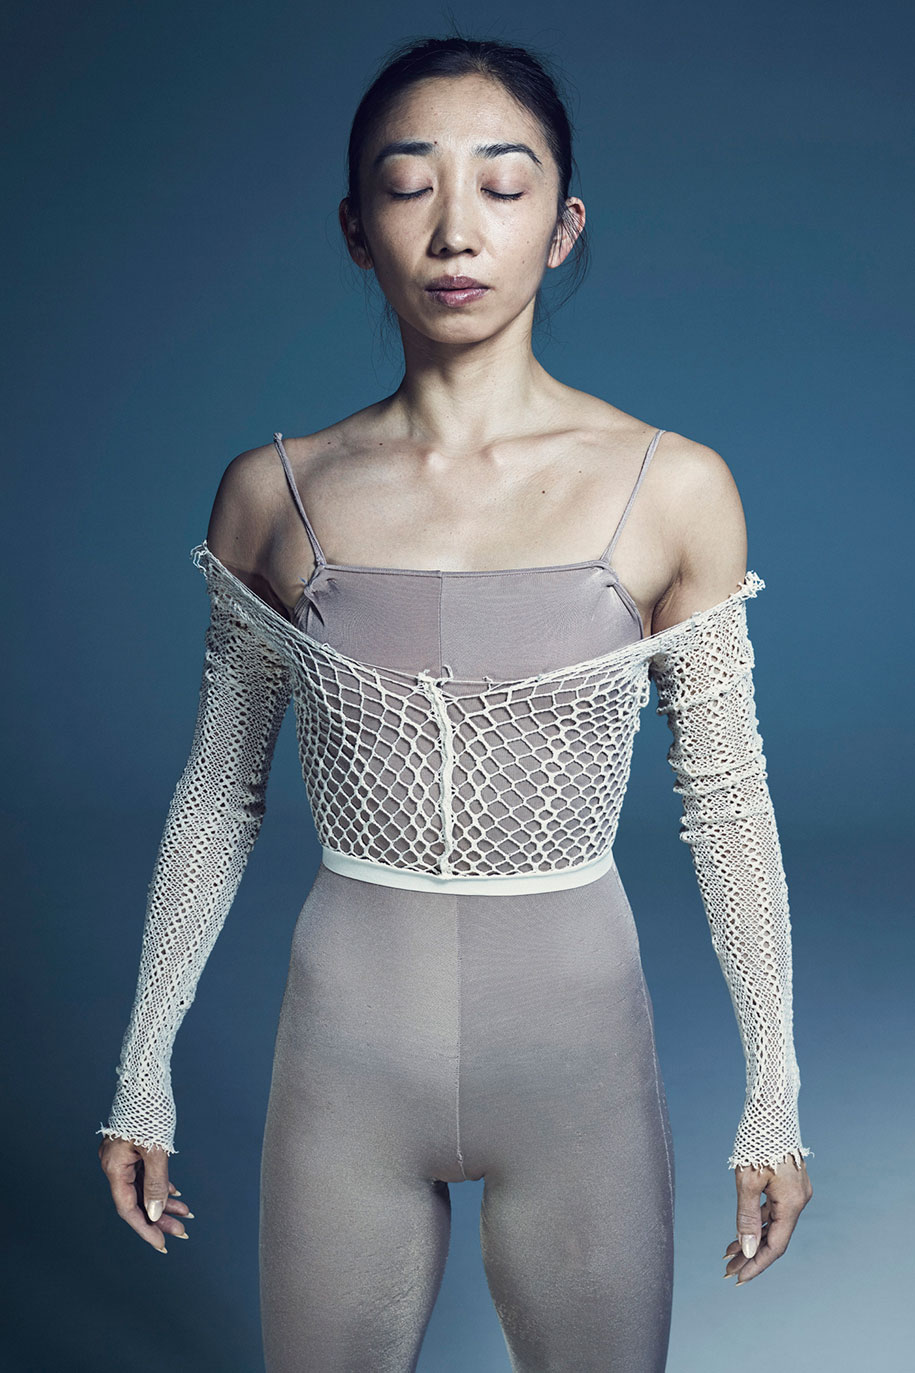 ballet-dancer-portraits-photos-what-lies-beneath-rick-guest-16